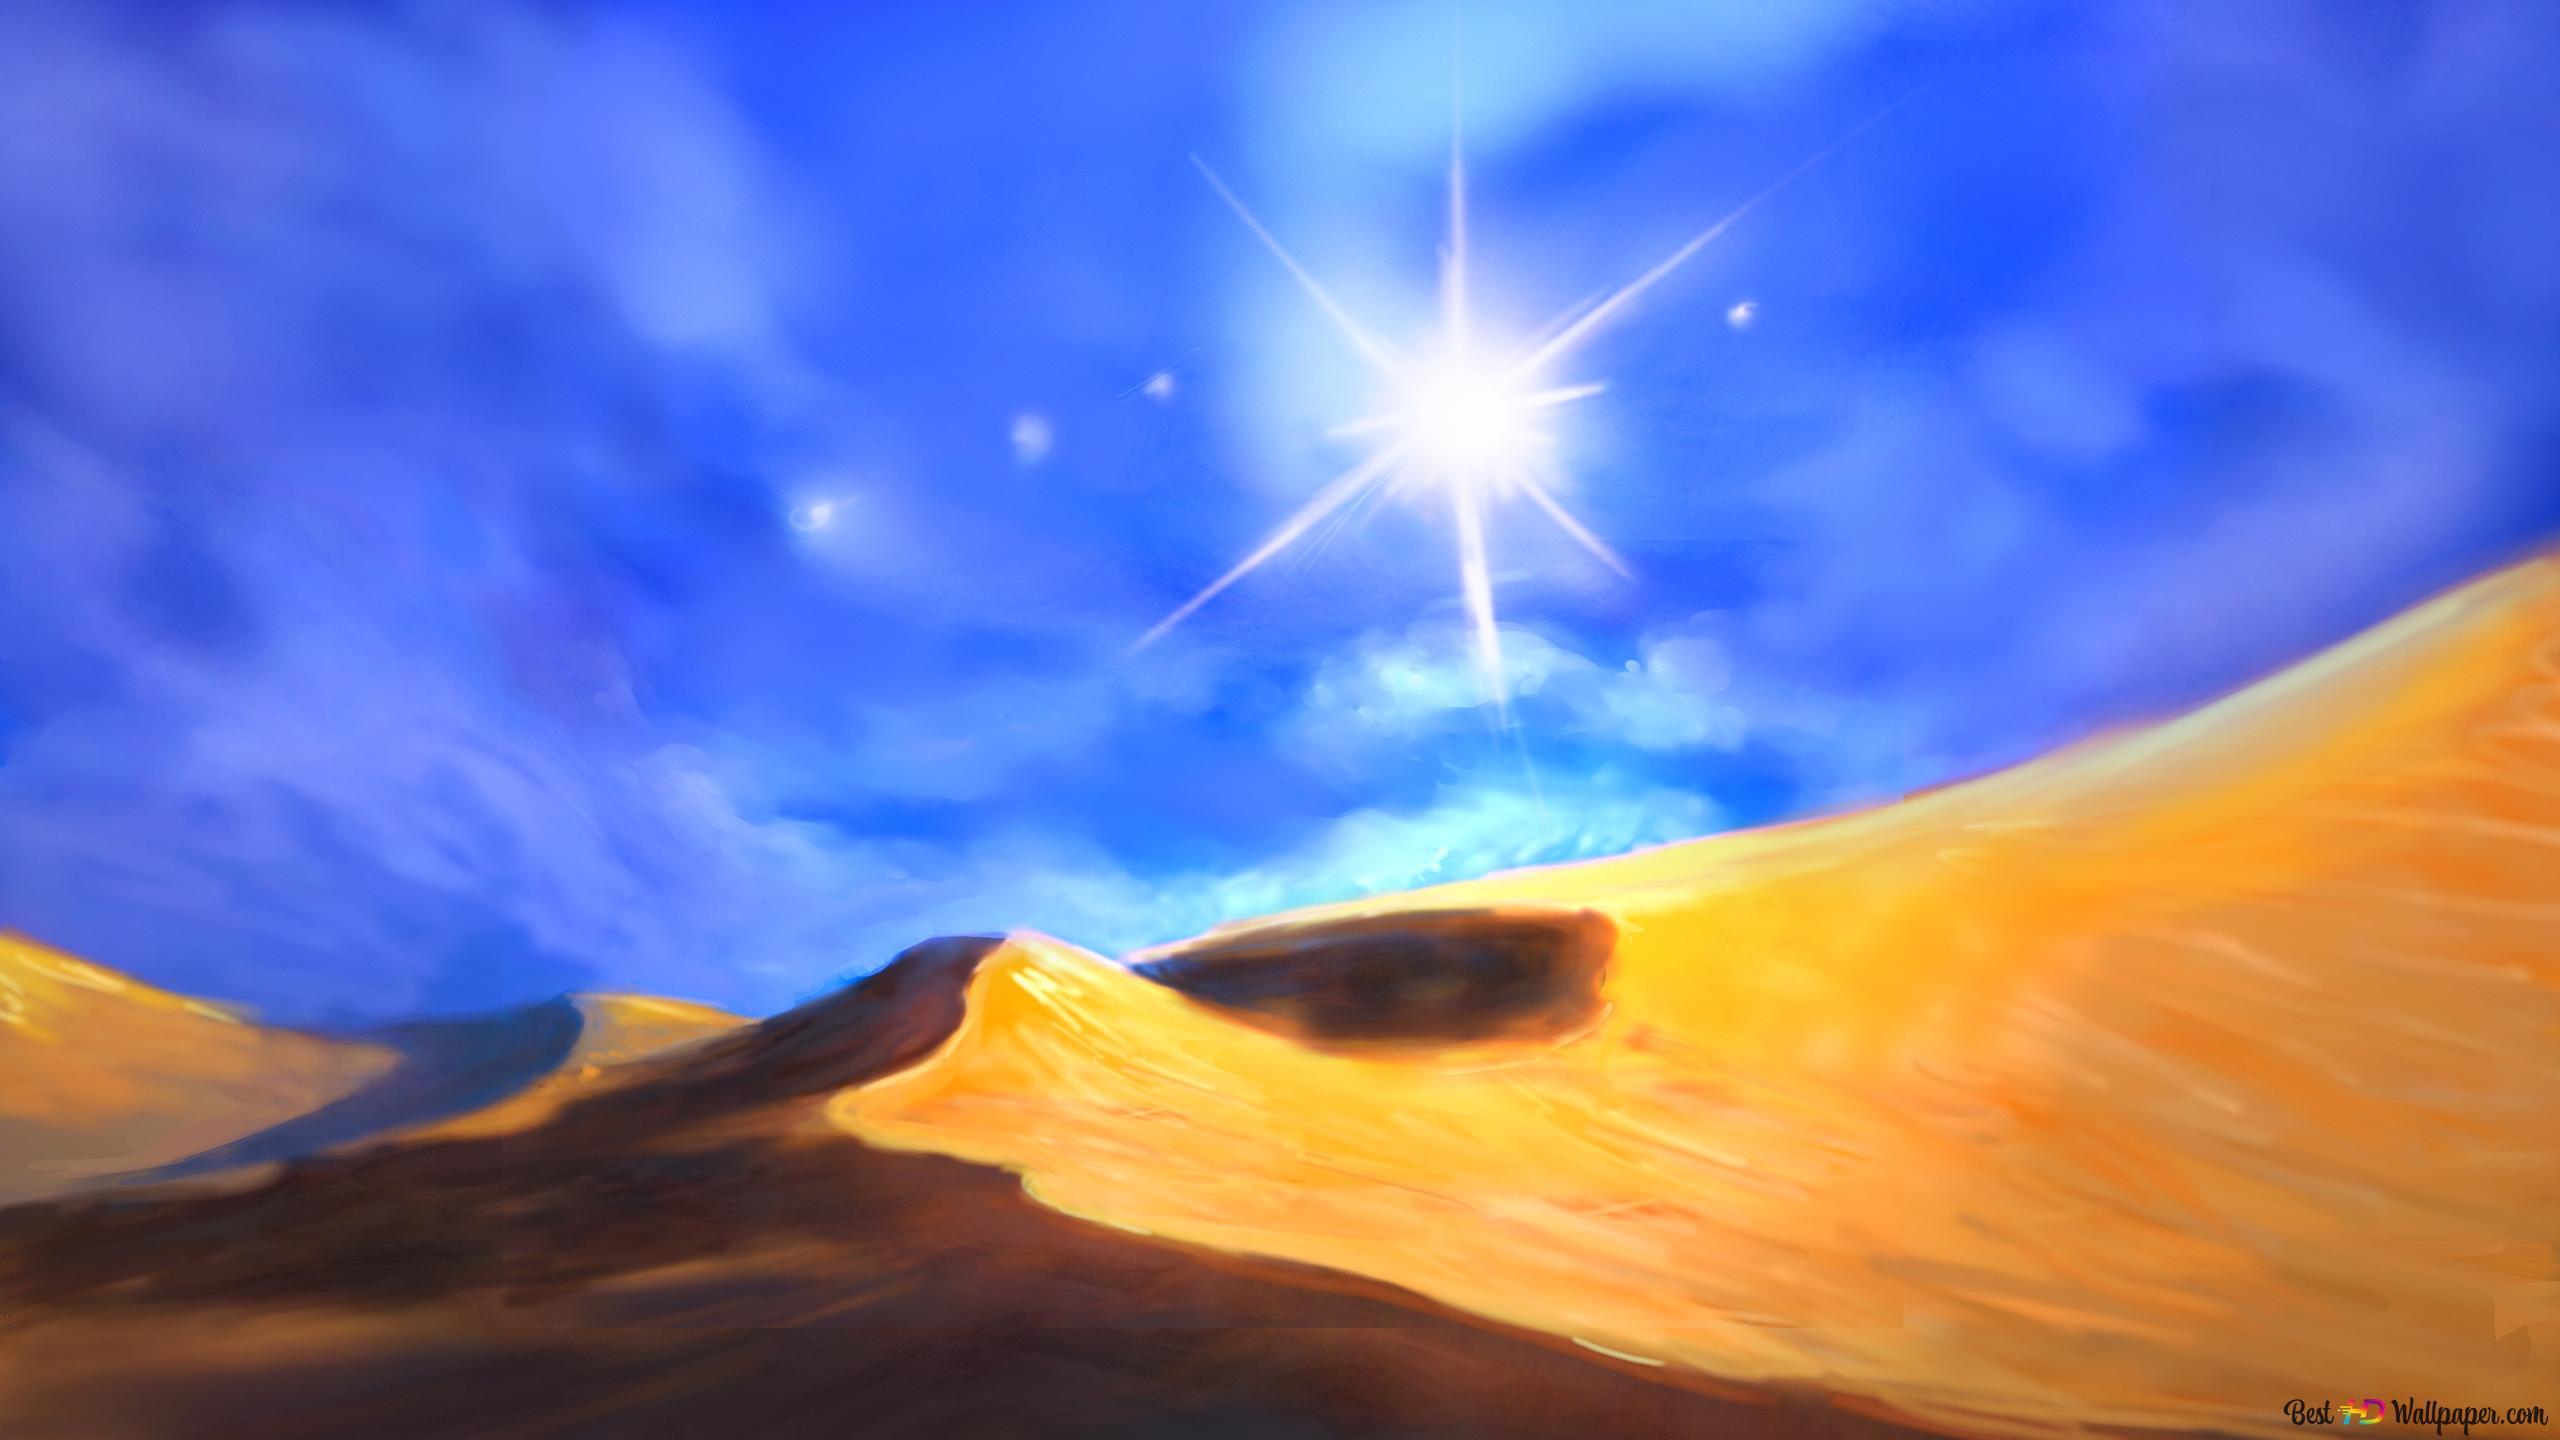 Pittura Artistica Di Un Deserto Download Di Sfondi Hd